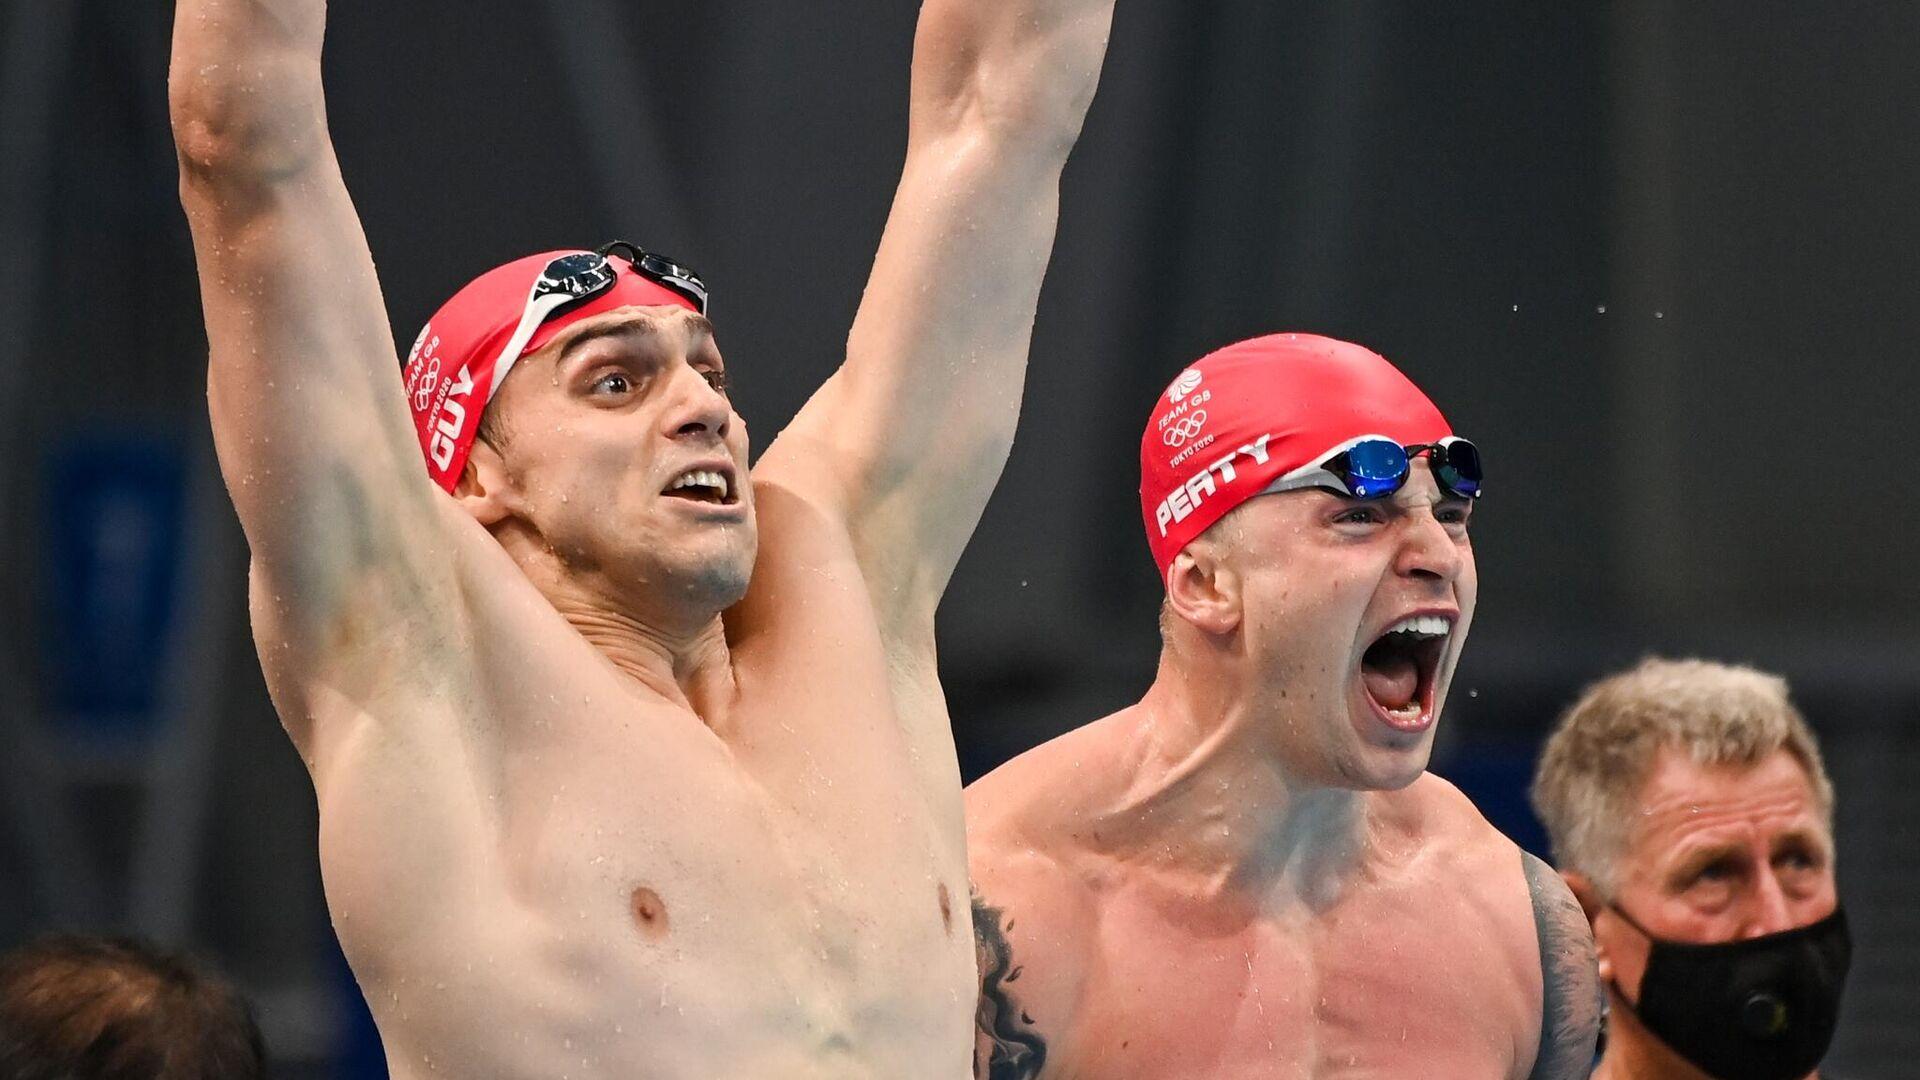 Олимпиада-2020. Плавание. Седьмой день - РИА Новости, 1920, 31.07.2021